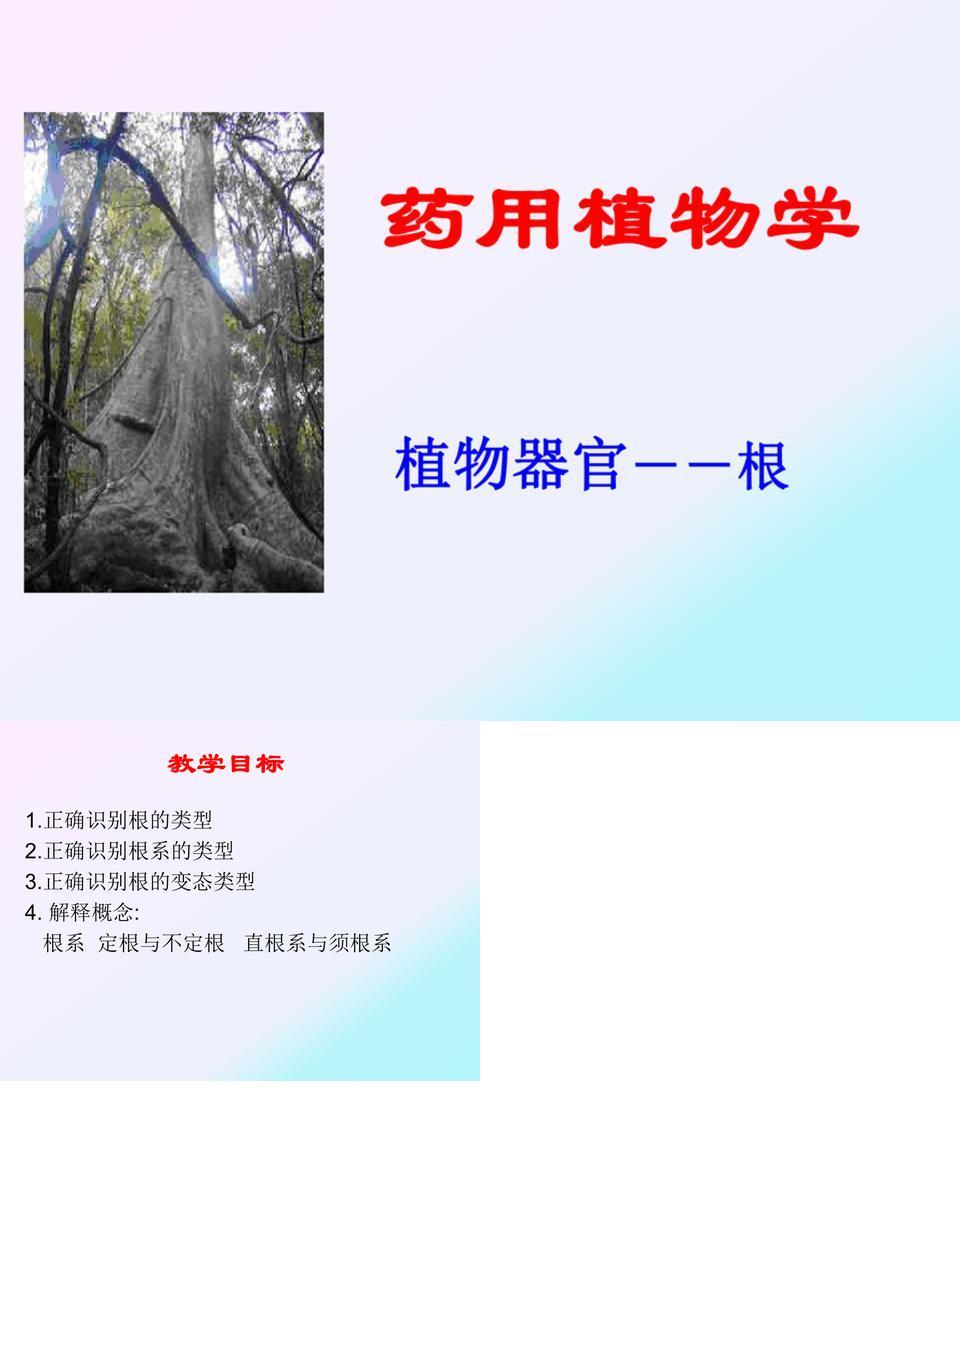 [药用植物学课件]-3植物器官根.ppt